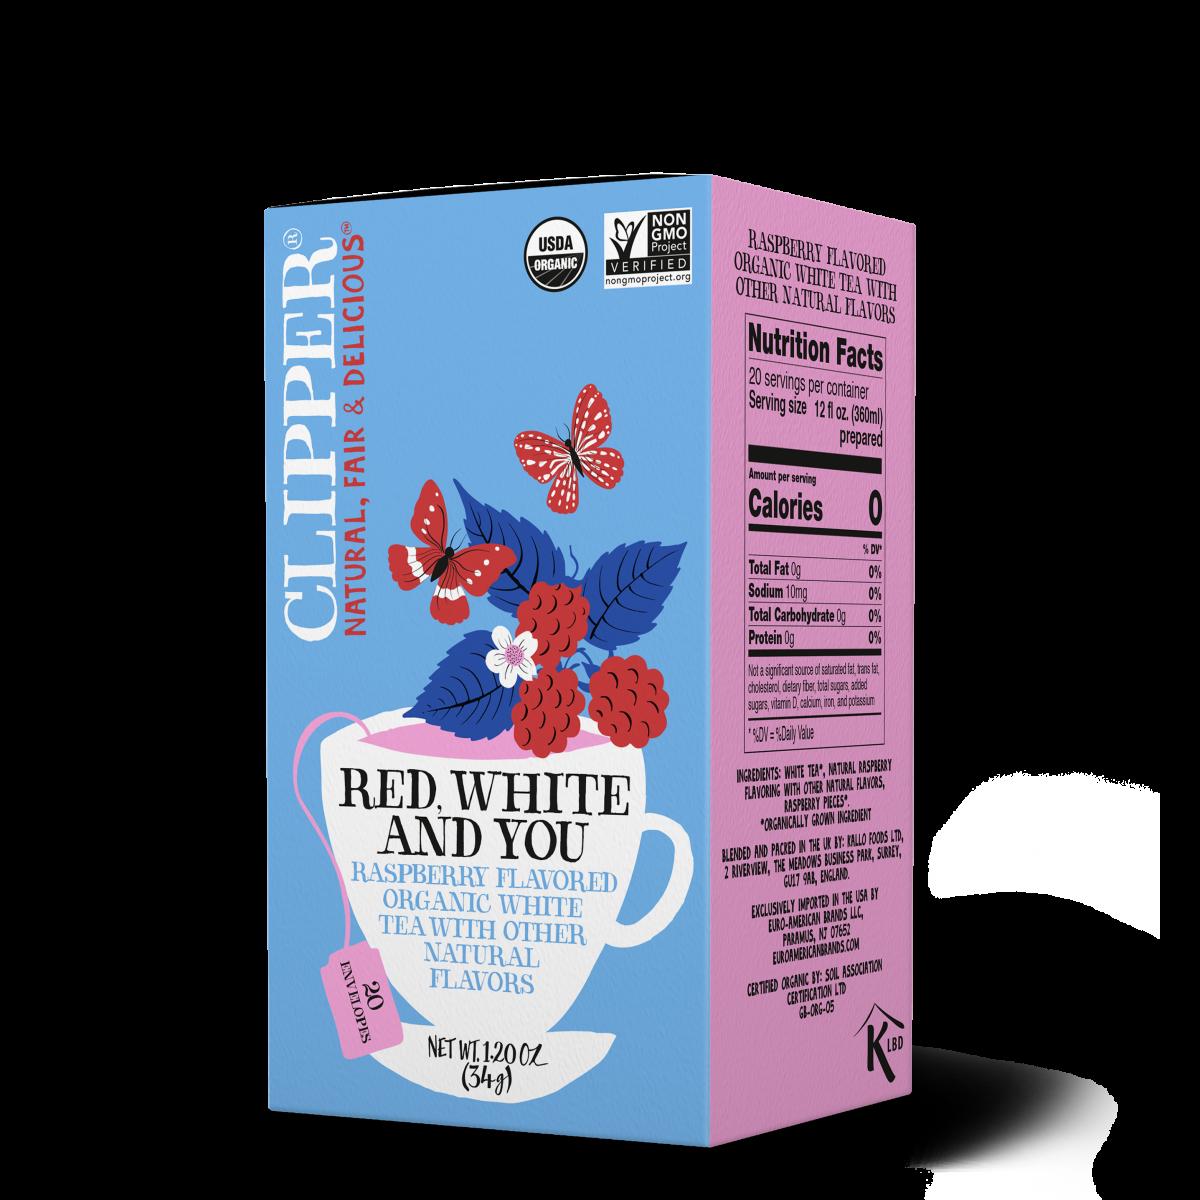 Red White and You organic white tea